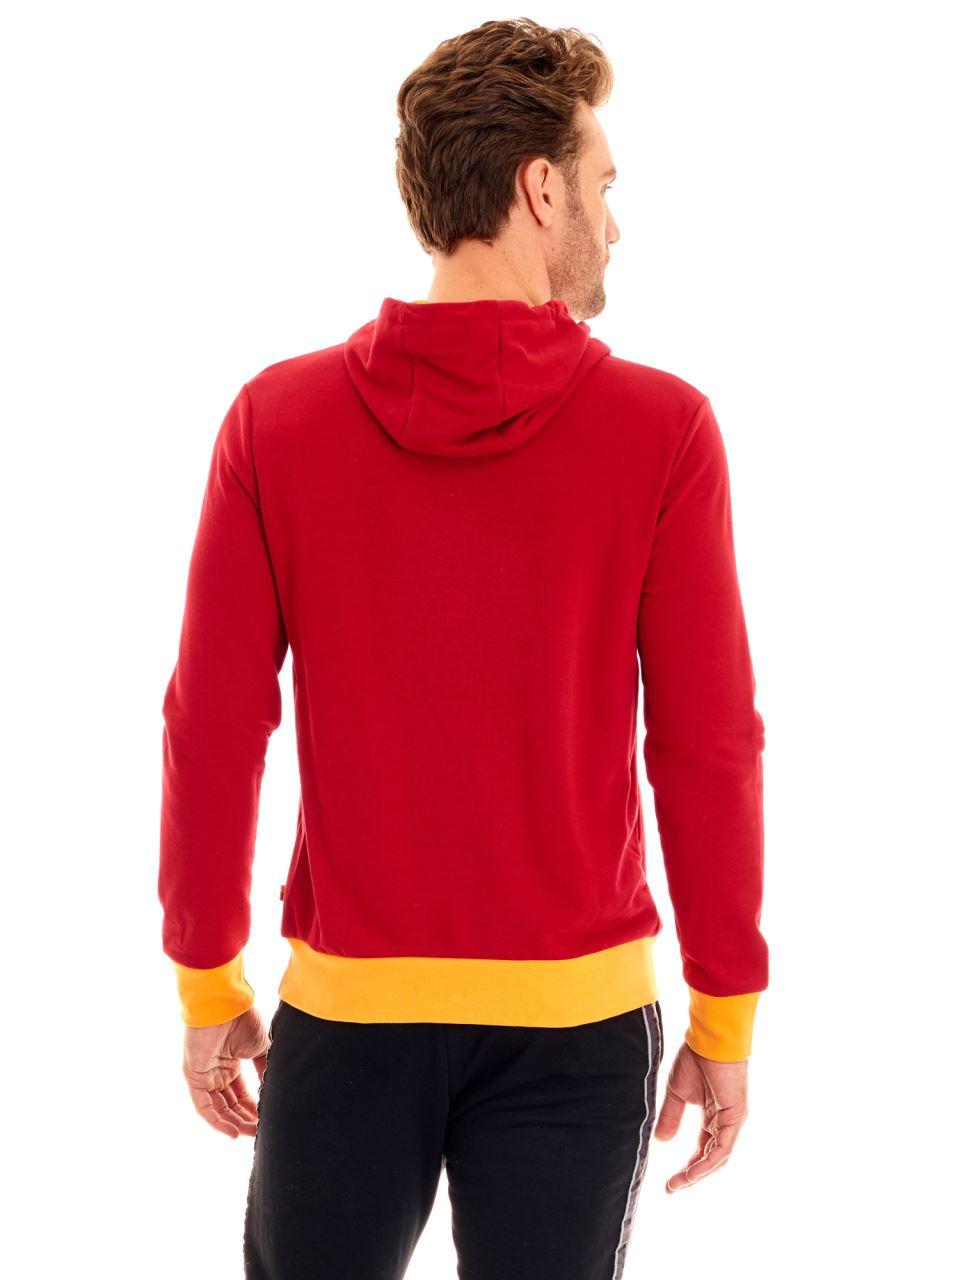 E95310 Sweatshirt